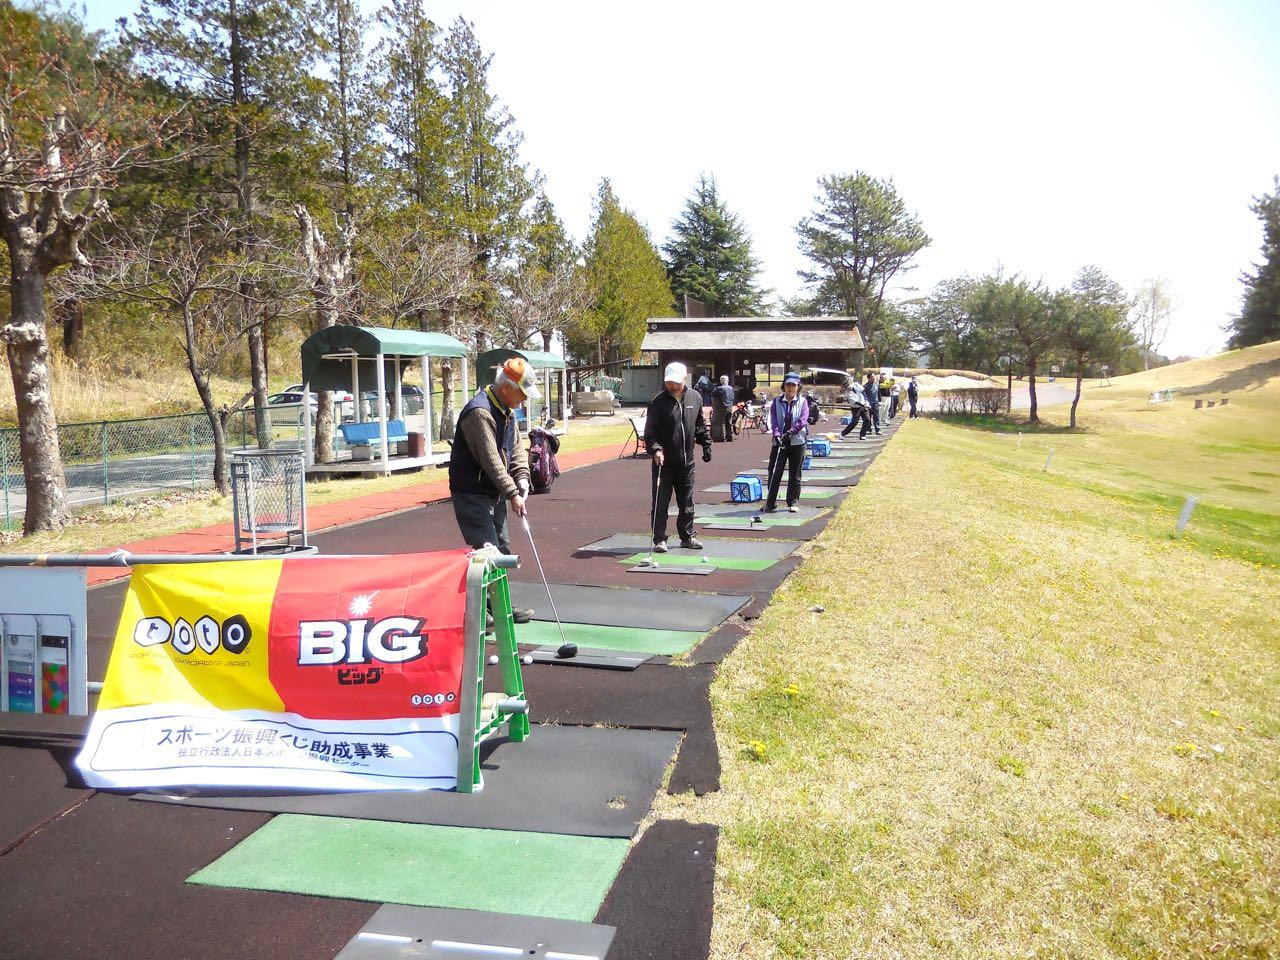 2015-04-18 スポーツクラブゴルフ教室 001